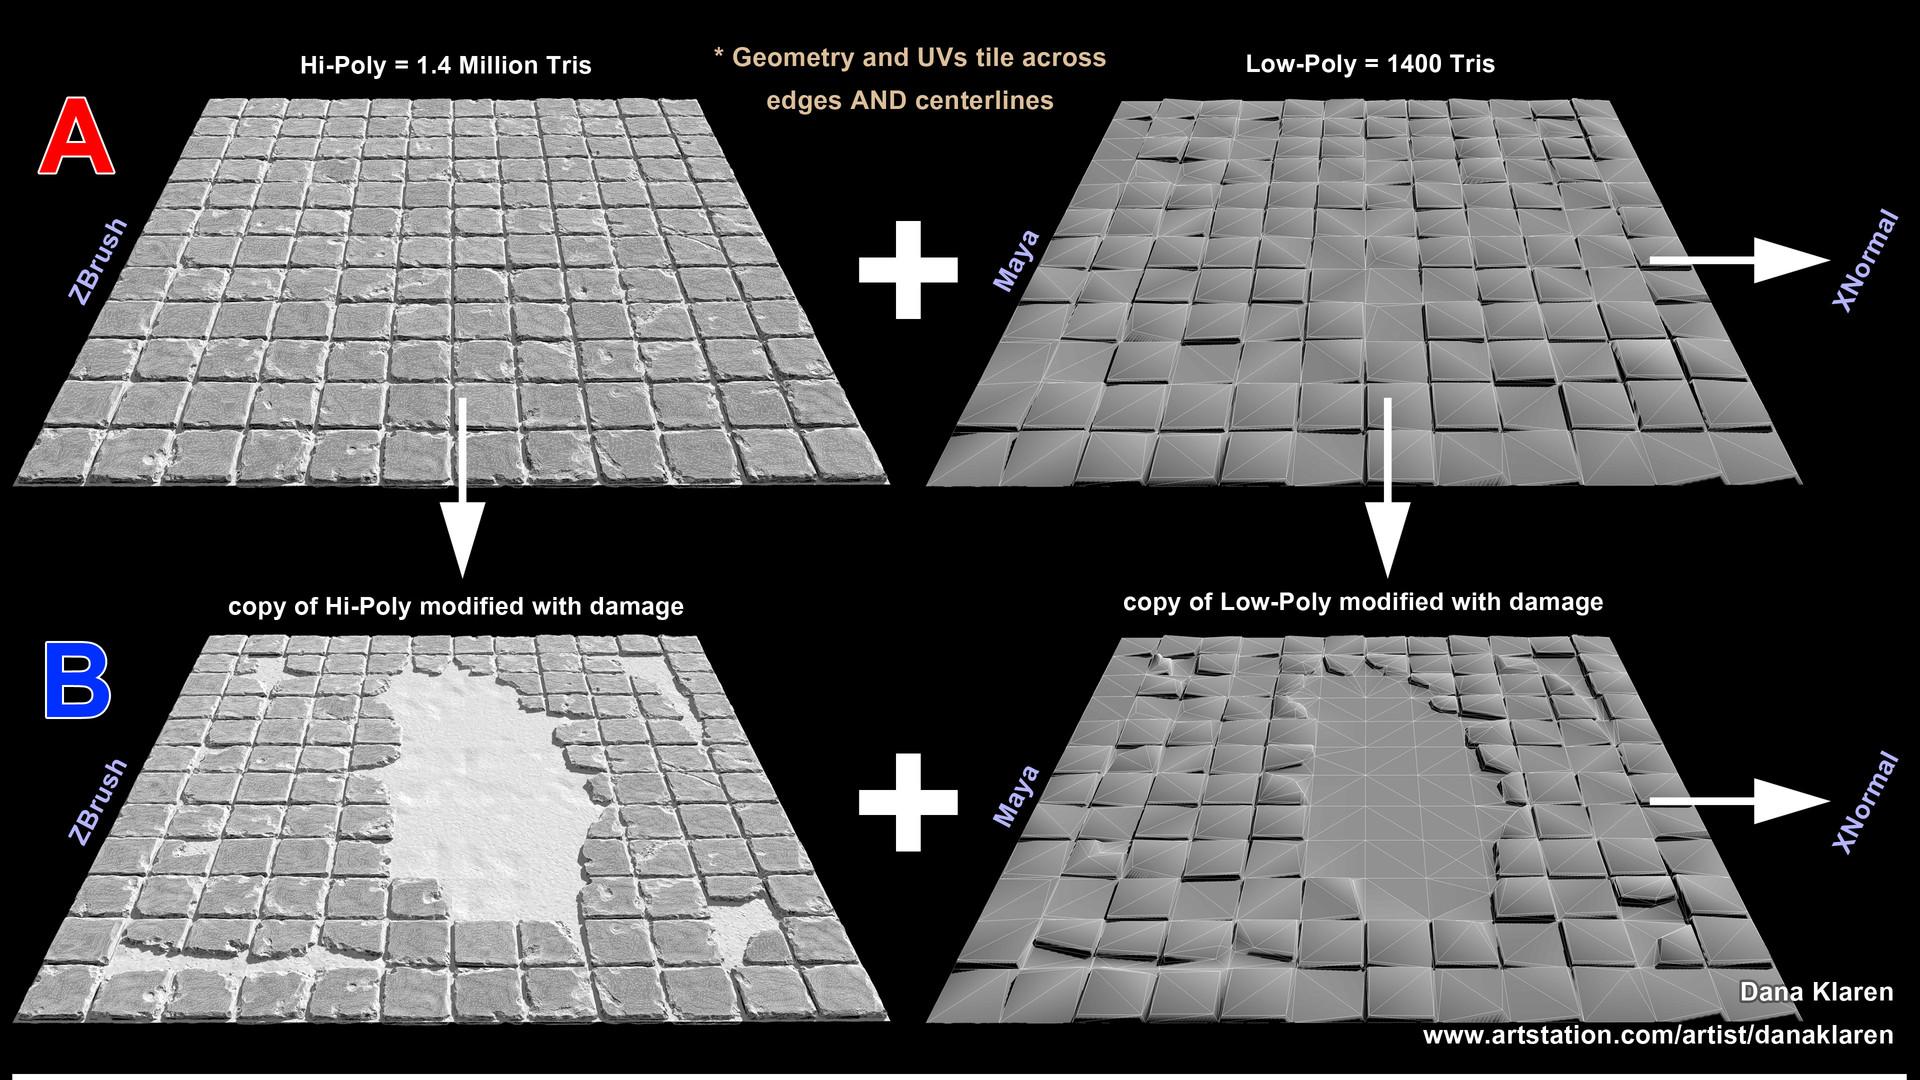 Floor Elevation Zbrush : Dana klaren low poly pbr floor process